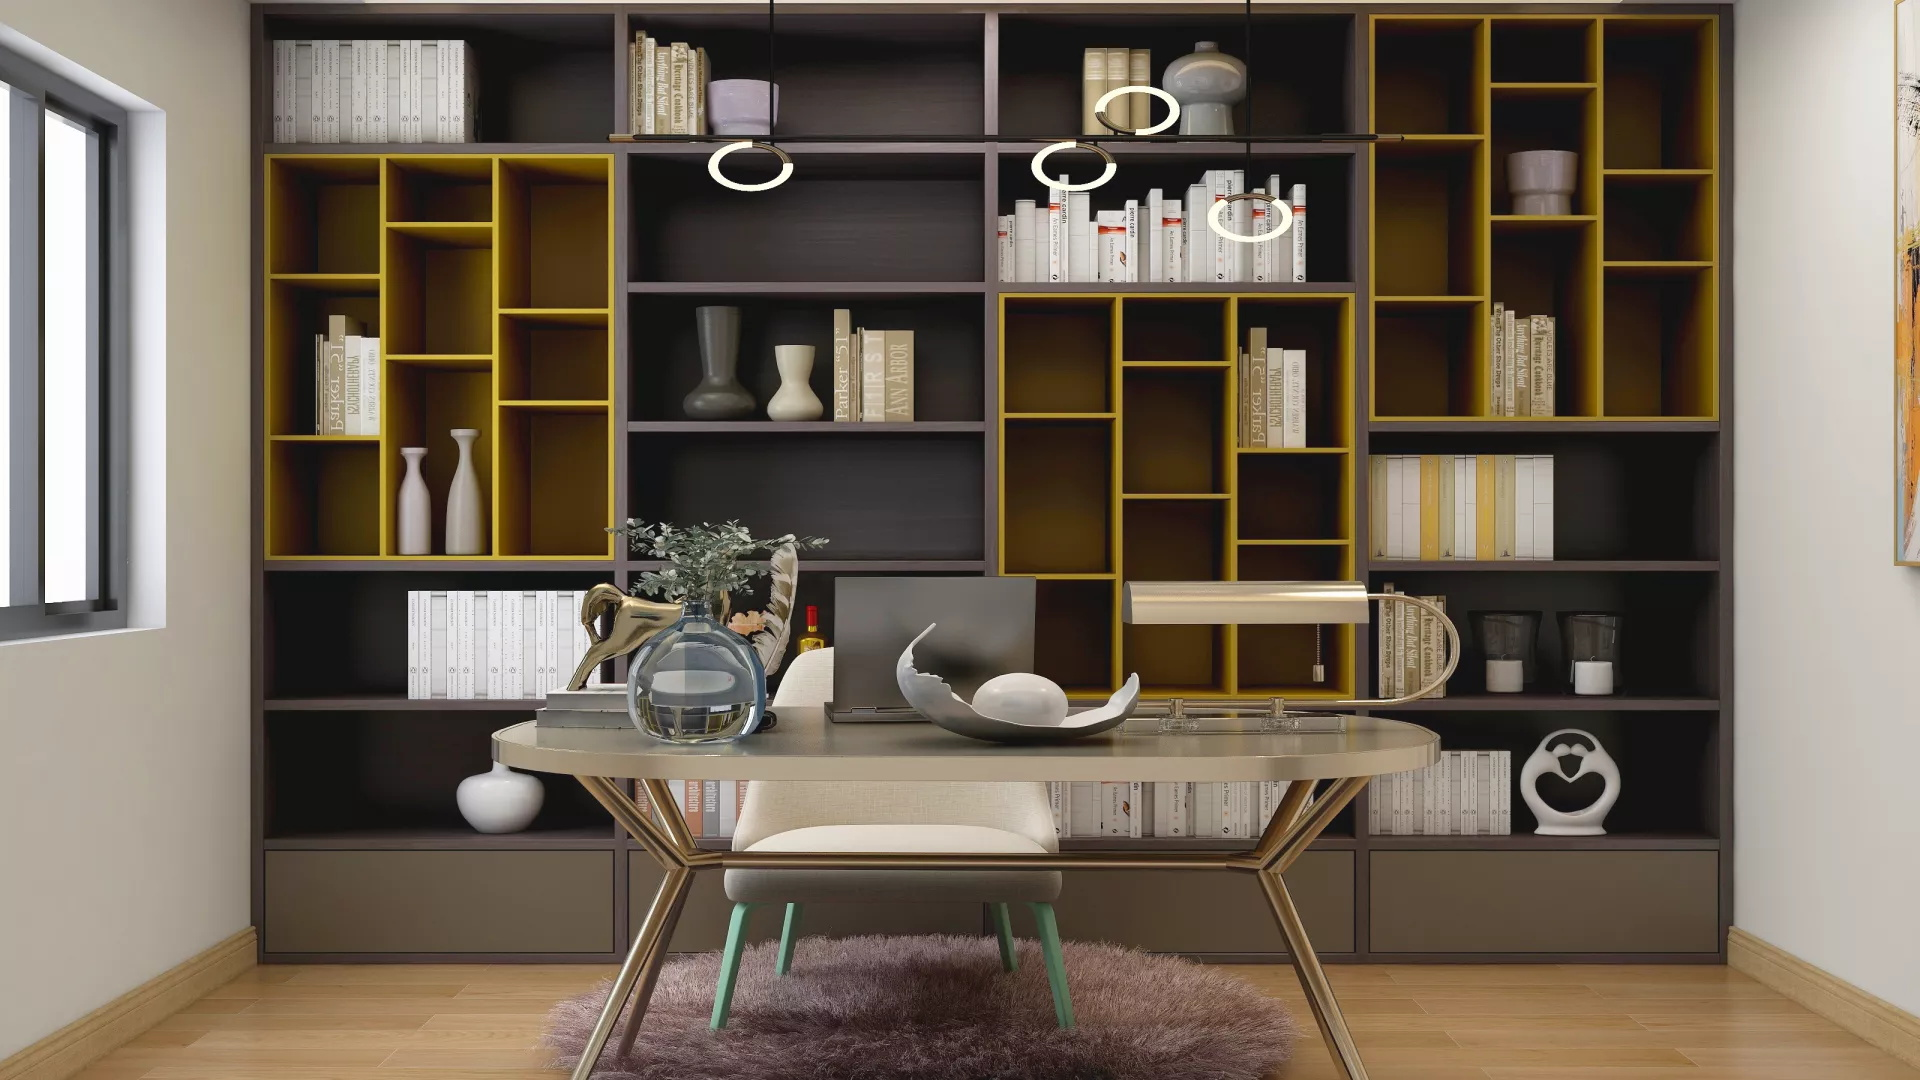 门厅,楼梯,跃层装修,简约风格,简洁